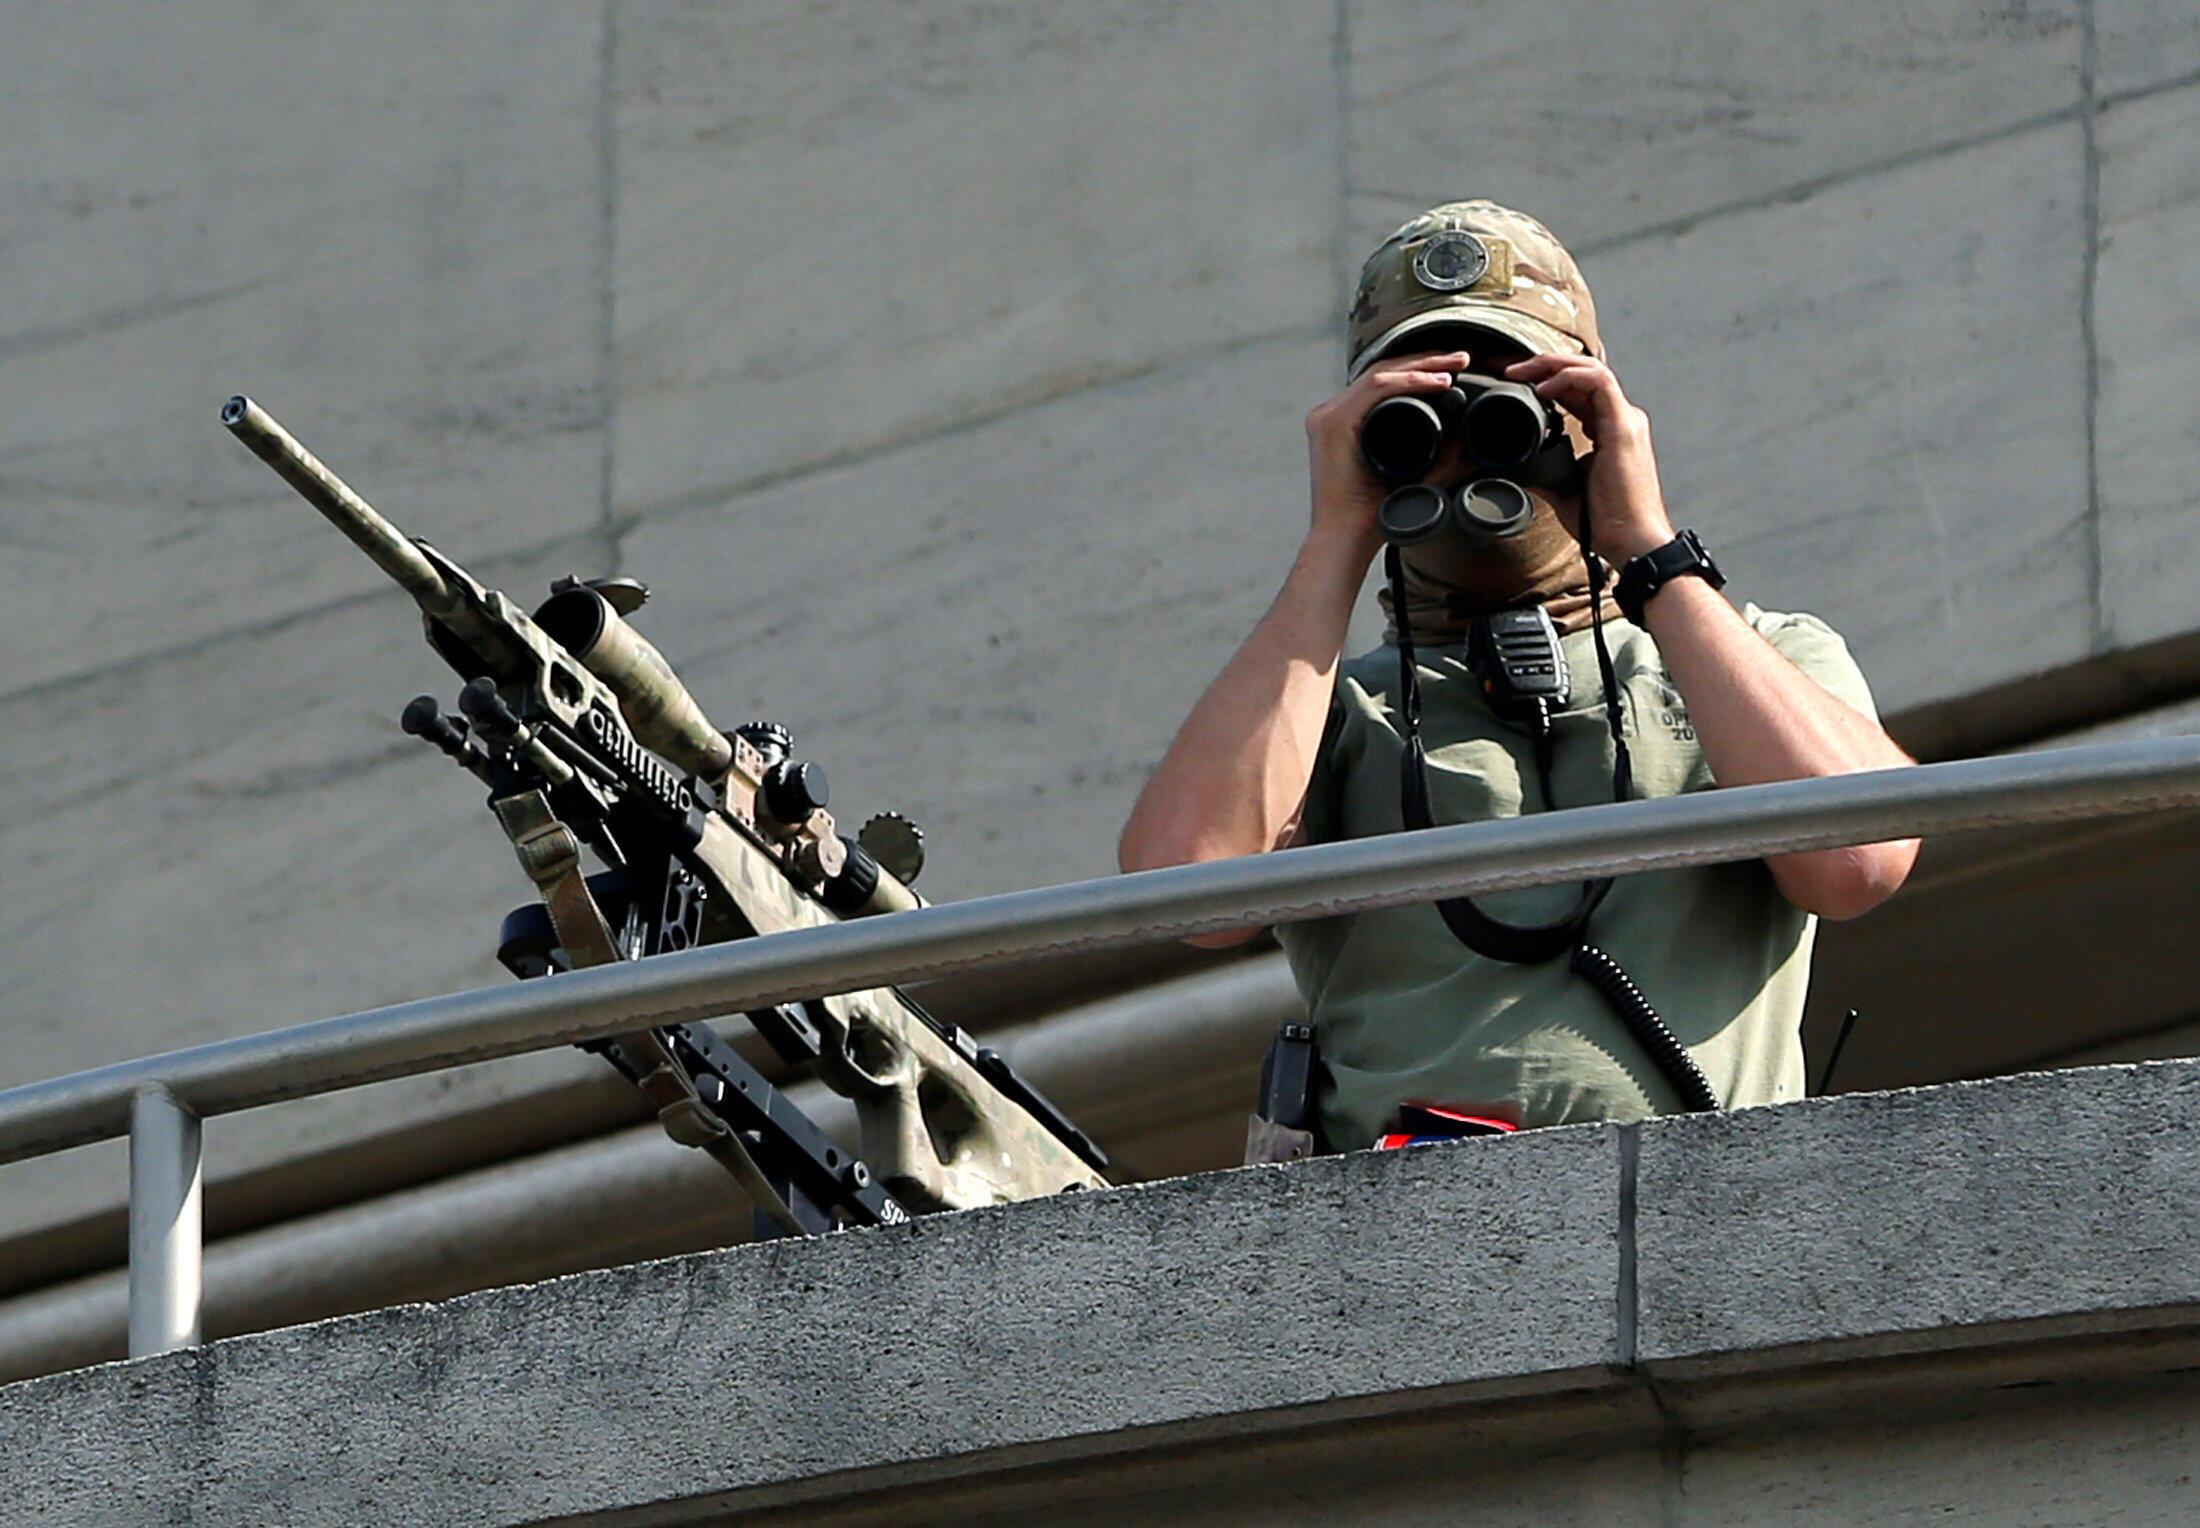 Lực lượng đặc nhiệm Bỉ được triển khai ở thủ đô Bruxelles ngày 21/07/2016.